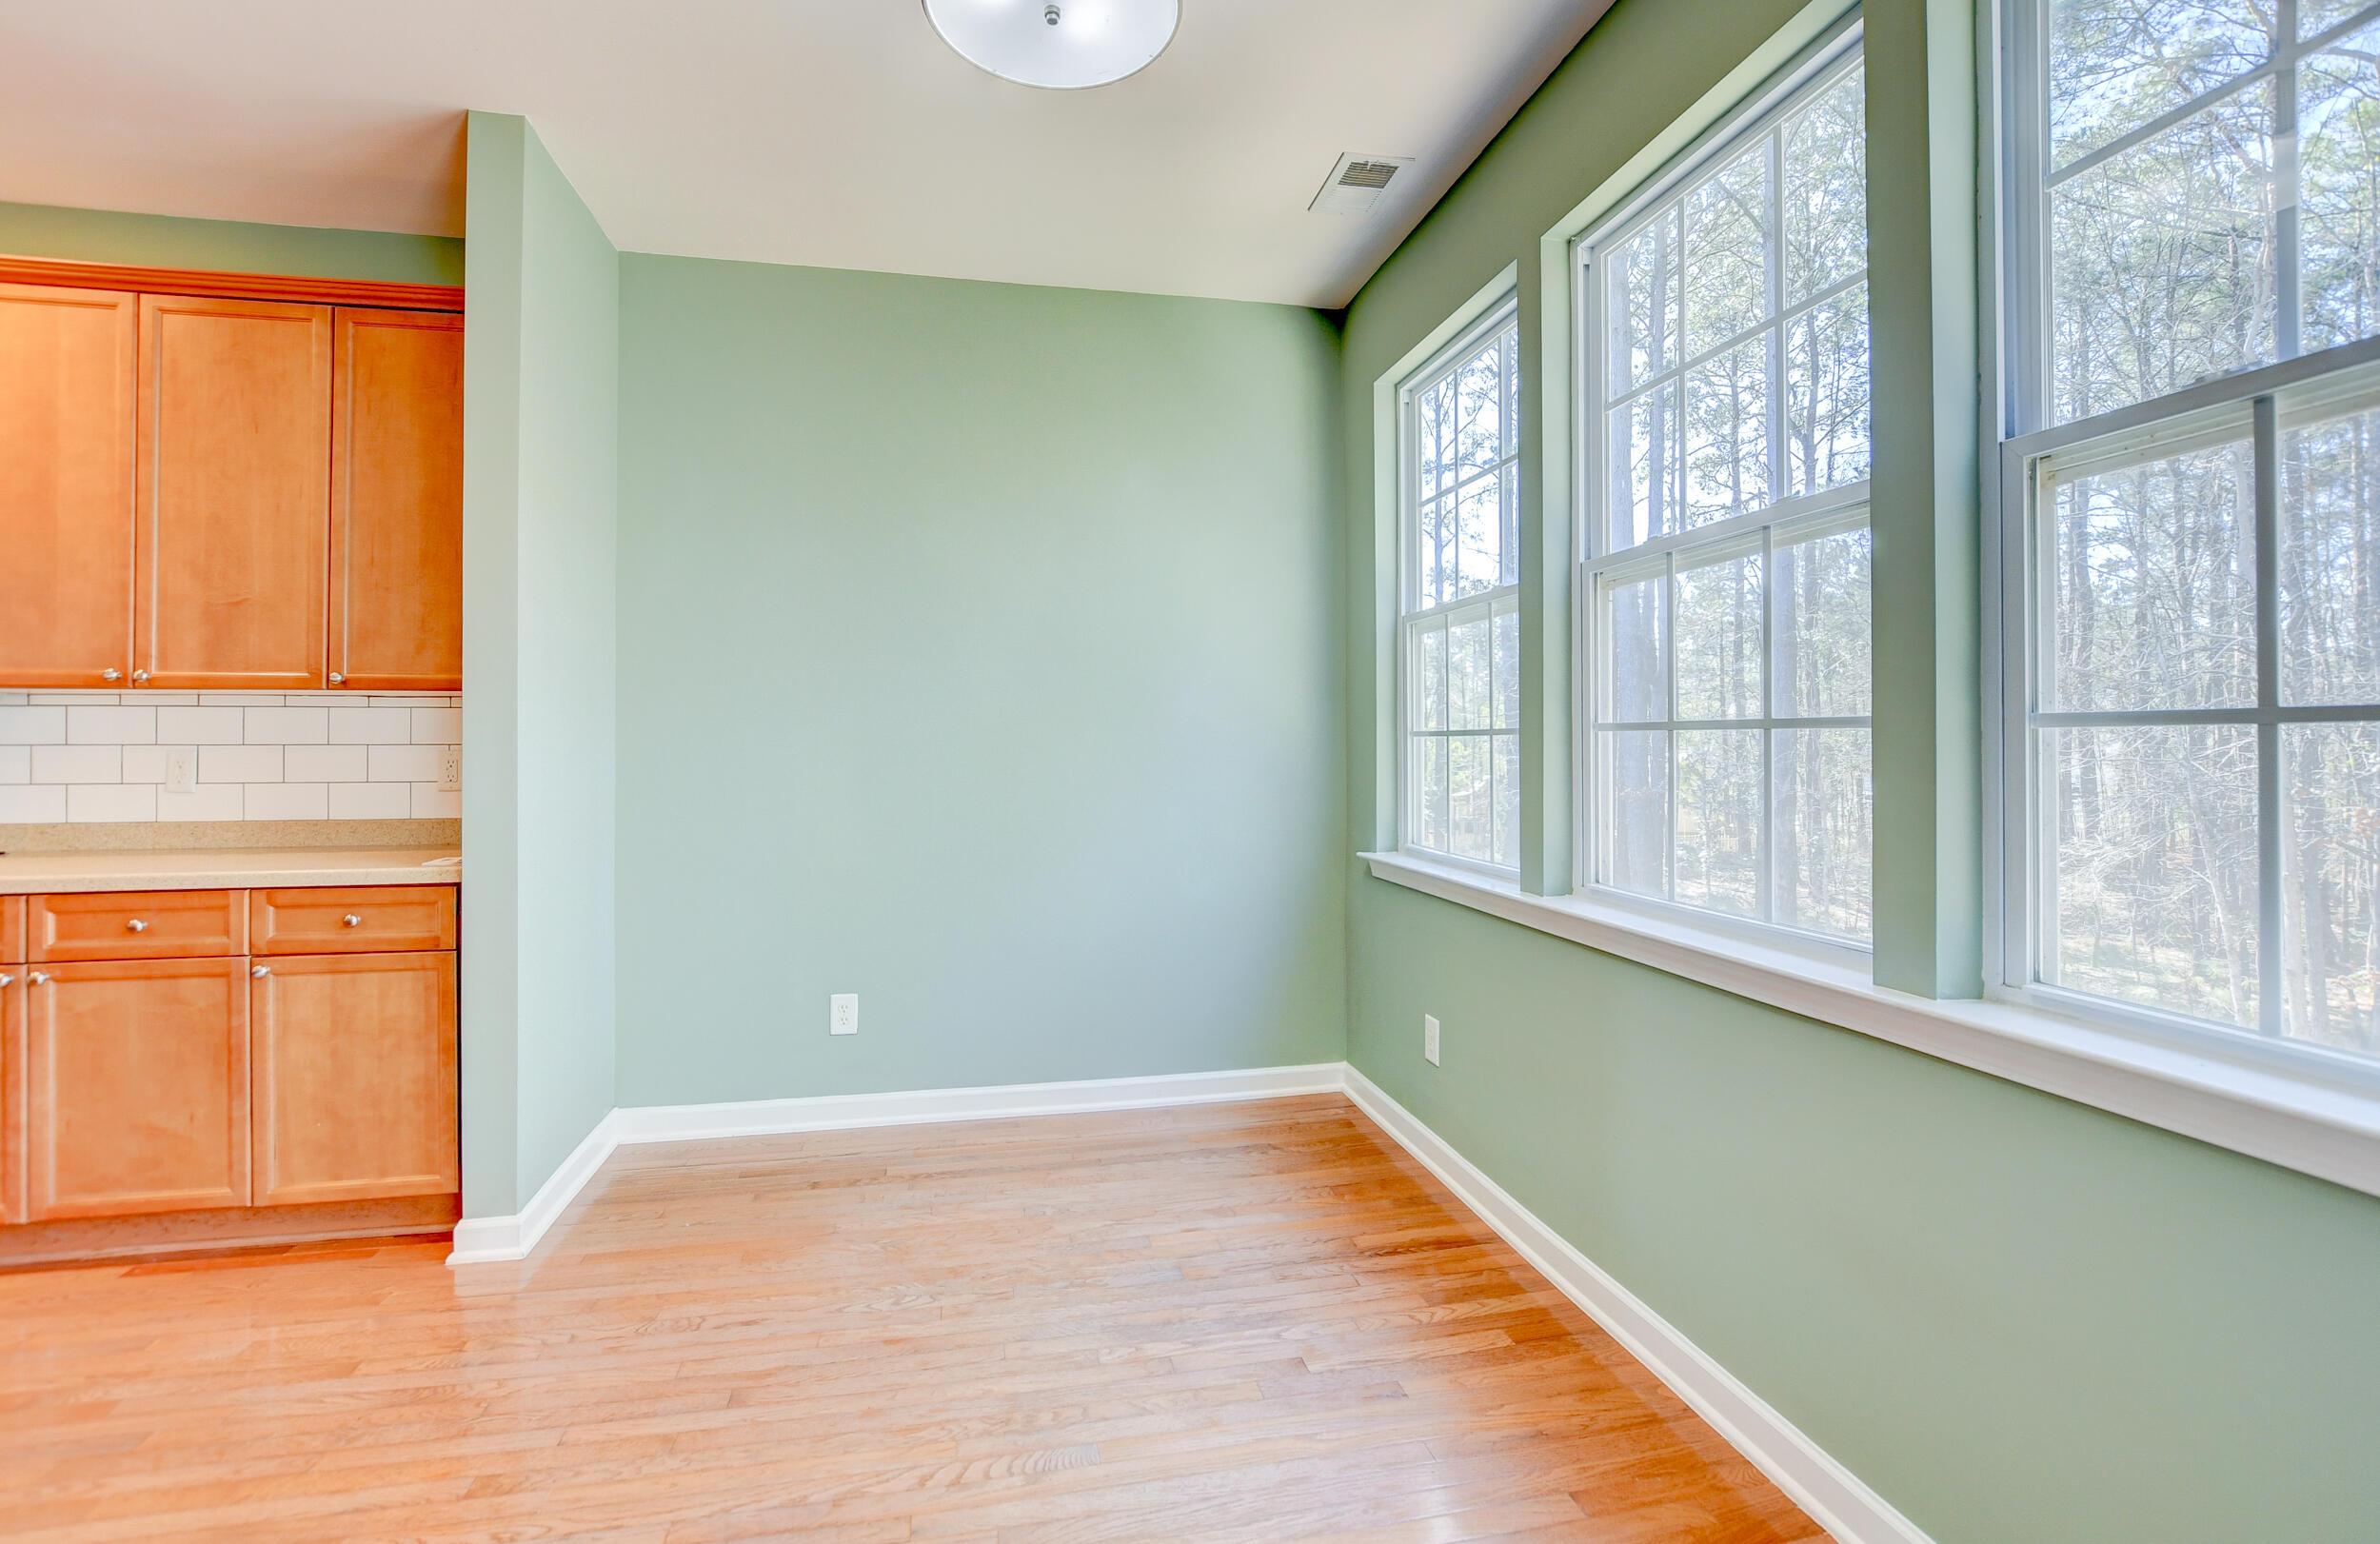 Park West Homes For Sale - 3545 Claremont, Mount Pleasant, SC - 31